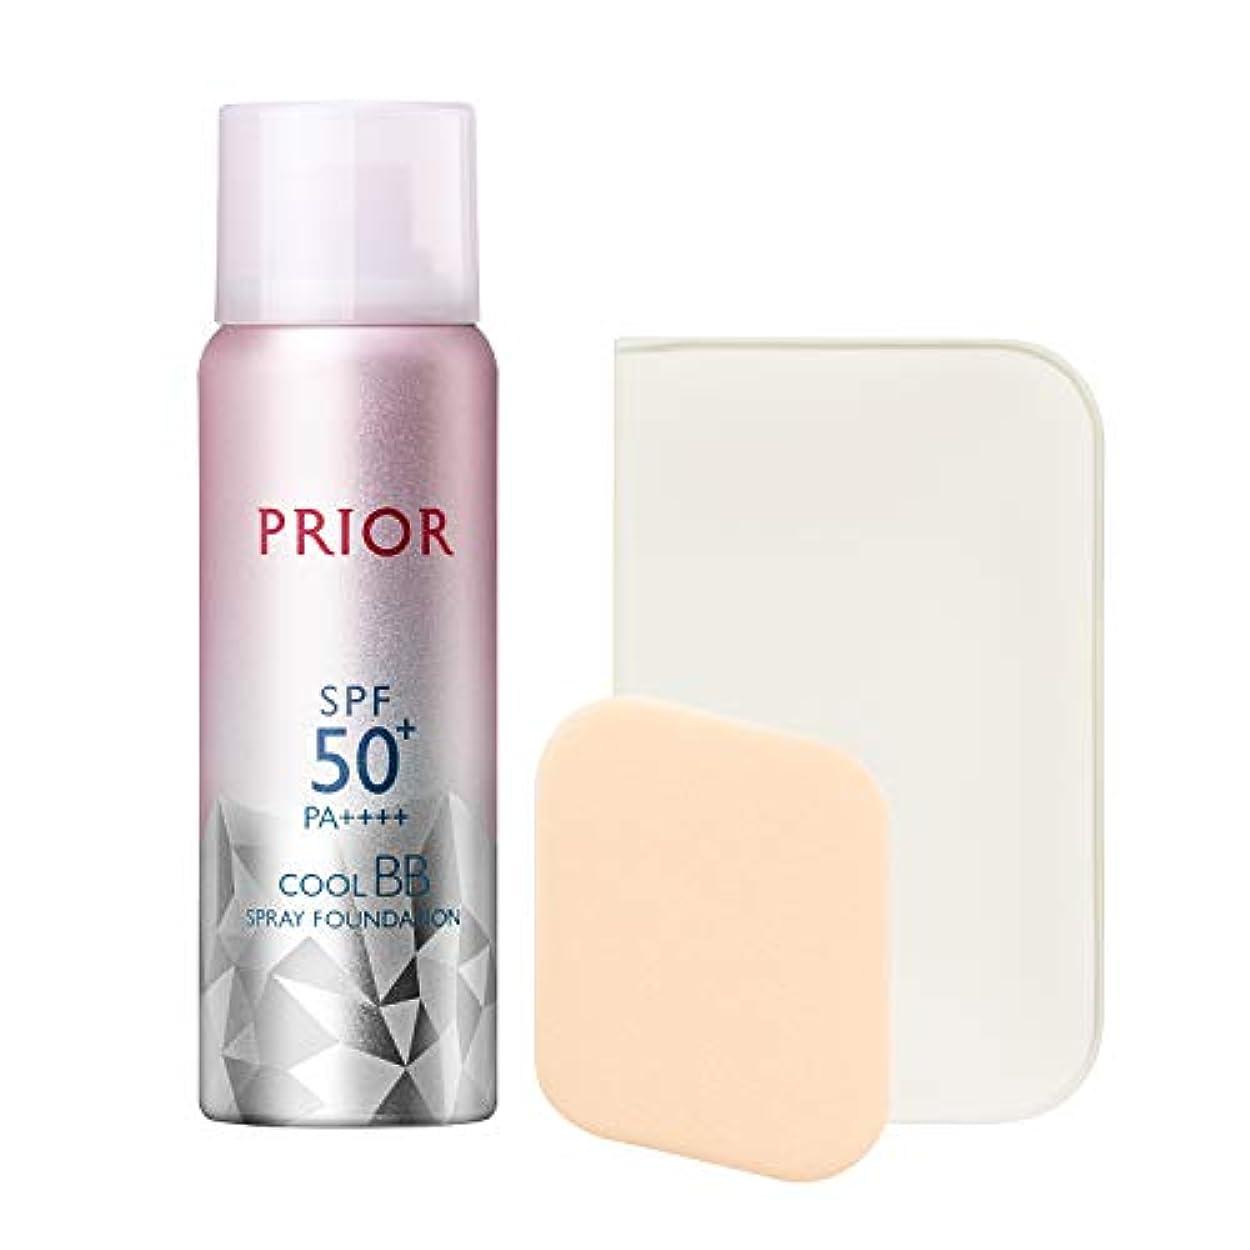 ジョイントエピソードスリルプリオール クール美つやBBスプレー UV 50 c ライト 50g